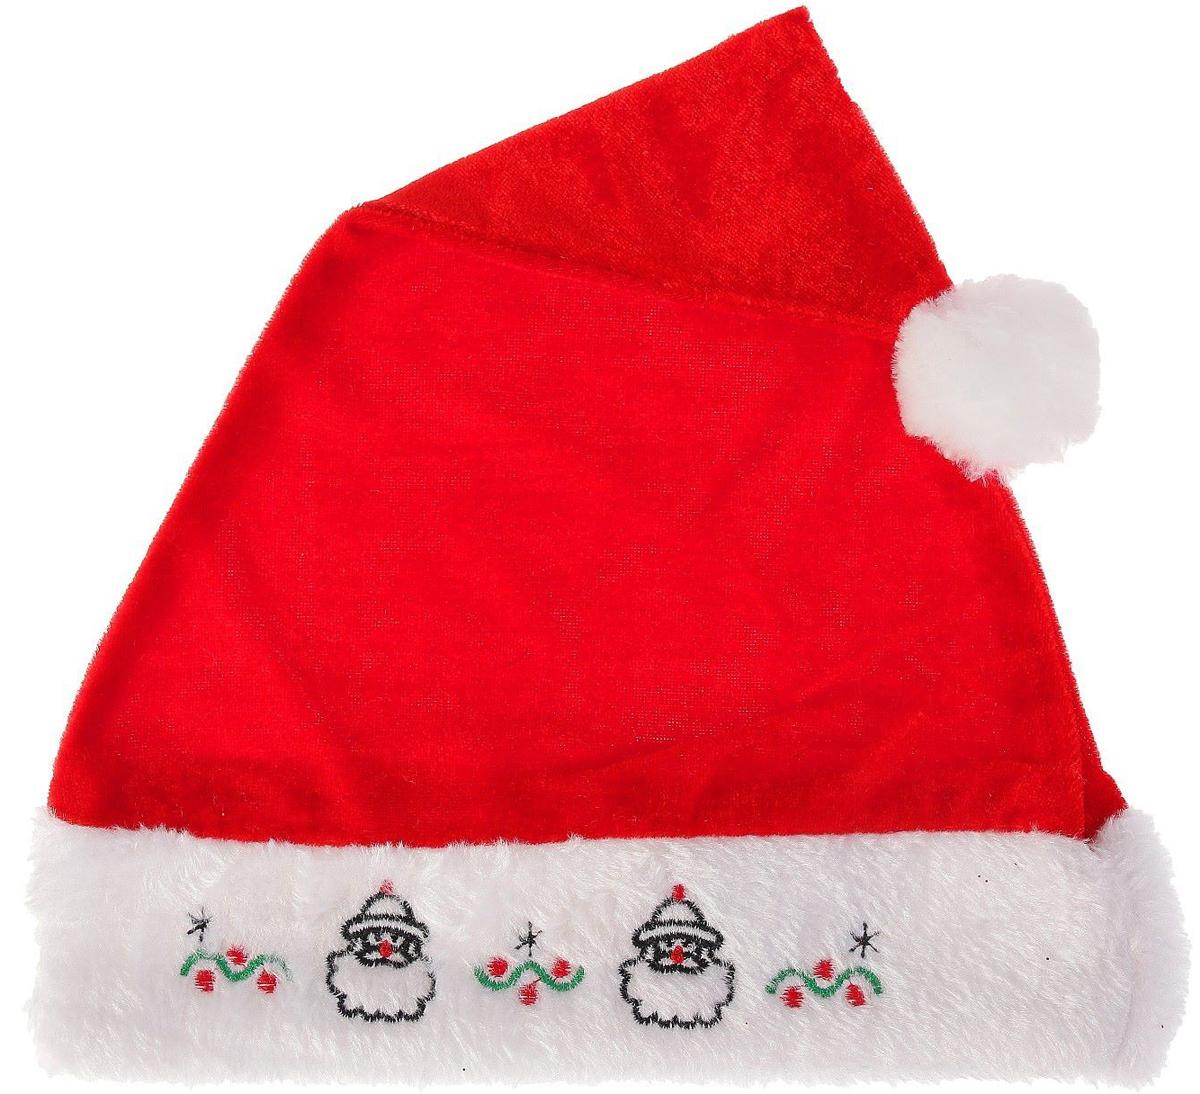 Колпак новогодний Деды Морозики, 28 х 38 см2351995Невозможно представить нашу жизнь без праздников! Мы всегда ждем их и предвкушаем, обдумываем, как проведем памятный день, тщательно выбираем подарки и аксессуары, ведь именно они создают и поддерживают торжественный настрой. Это отличный выбор, который привнесет атмосферу праздника в ваш дом!